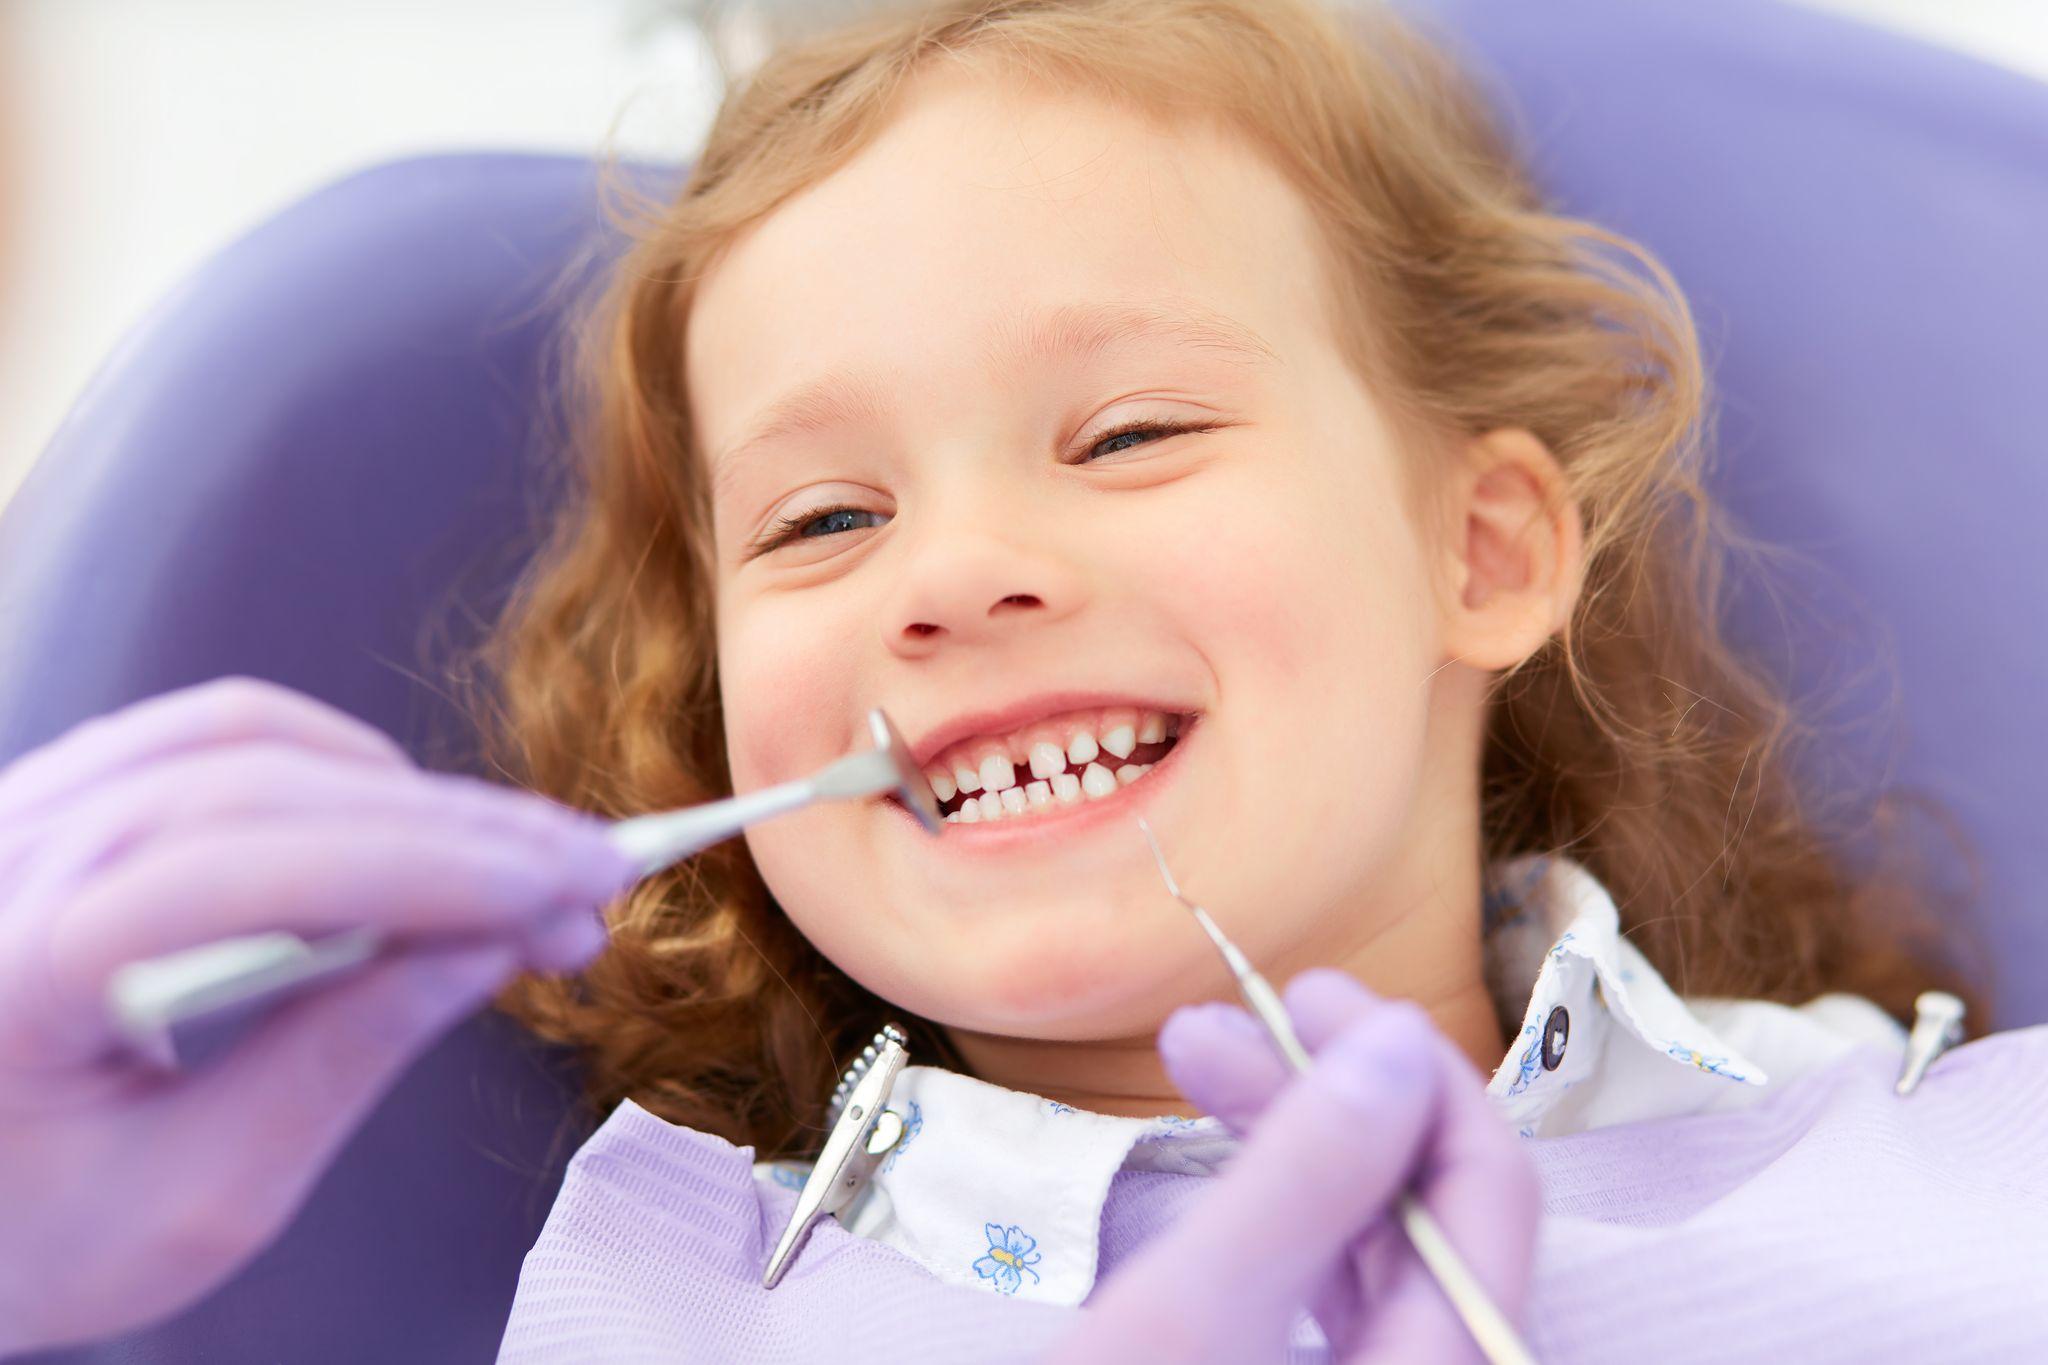 Quando realizar a primeira consulta ao dentista? Como tratar os dentes de leite? Confira as respostas em novo vídeo